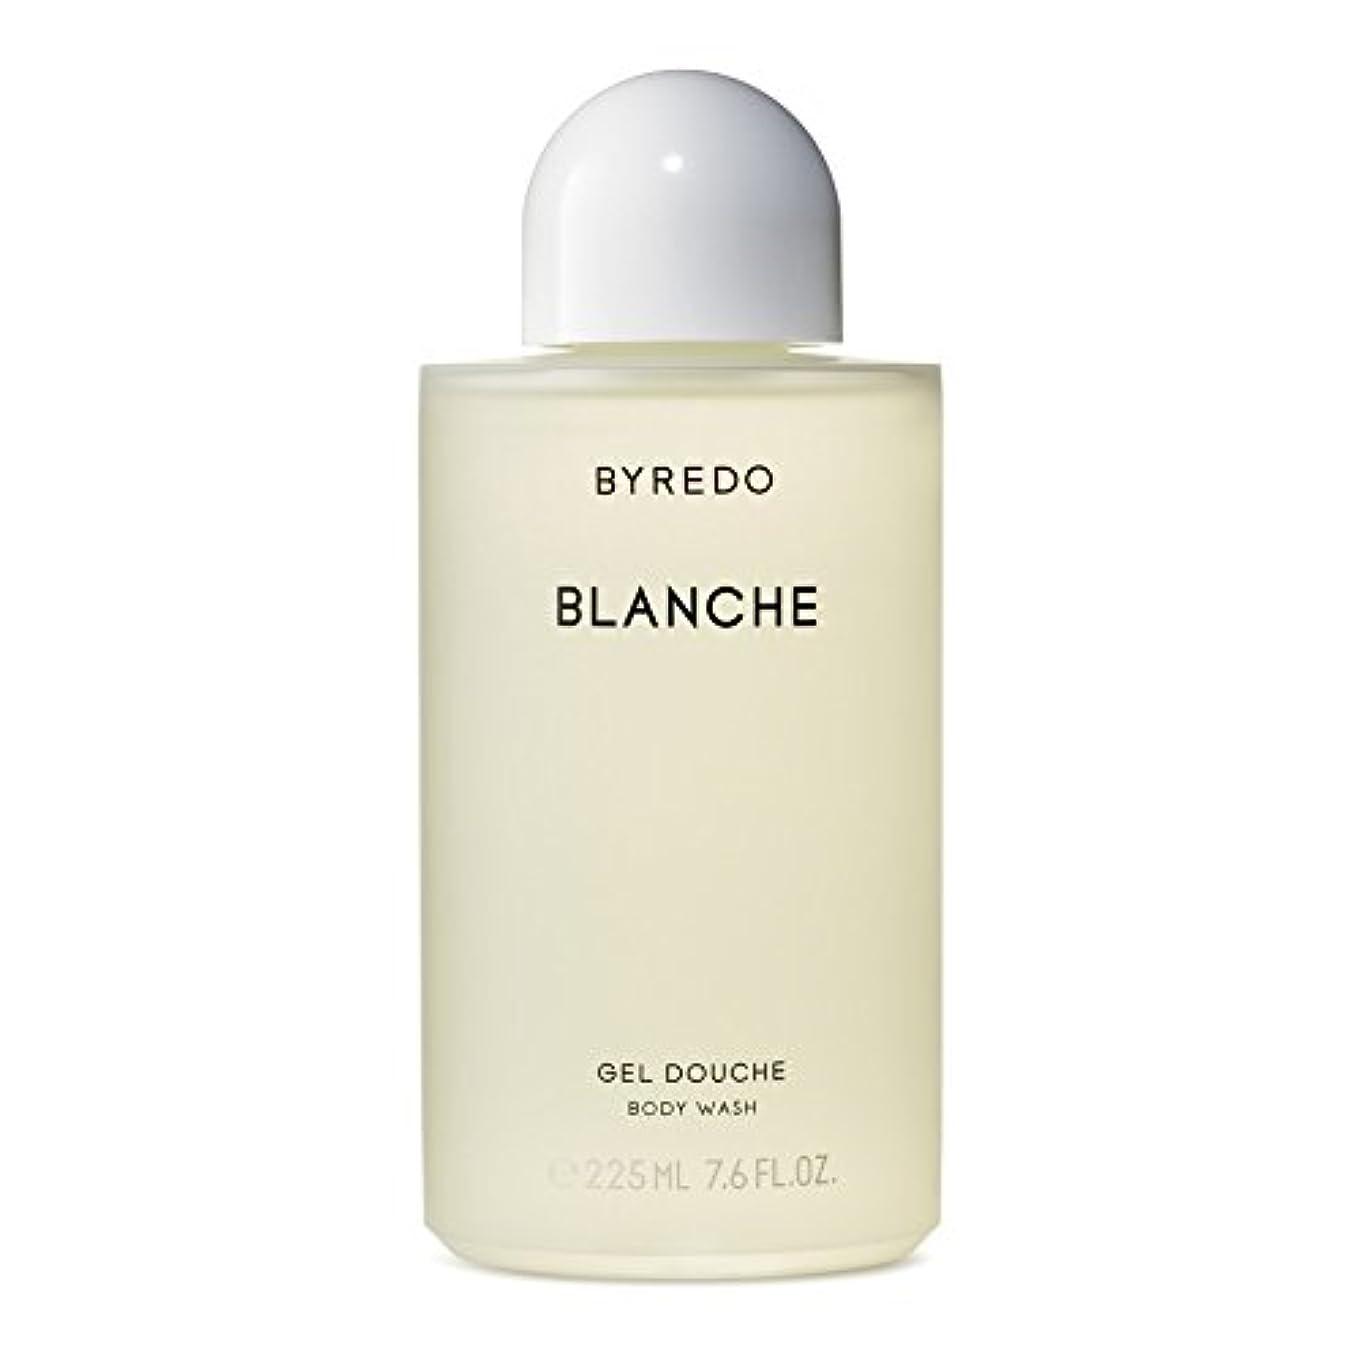 虐待レンダー電気陽性Byredo Blanche Body Wash 225ml - ブランシュボディウォッシュ225ミリリットル [並行輸入品]